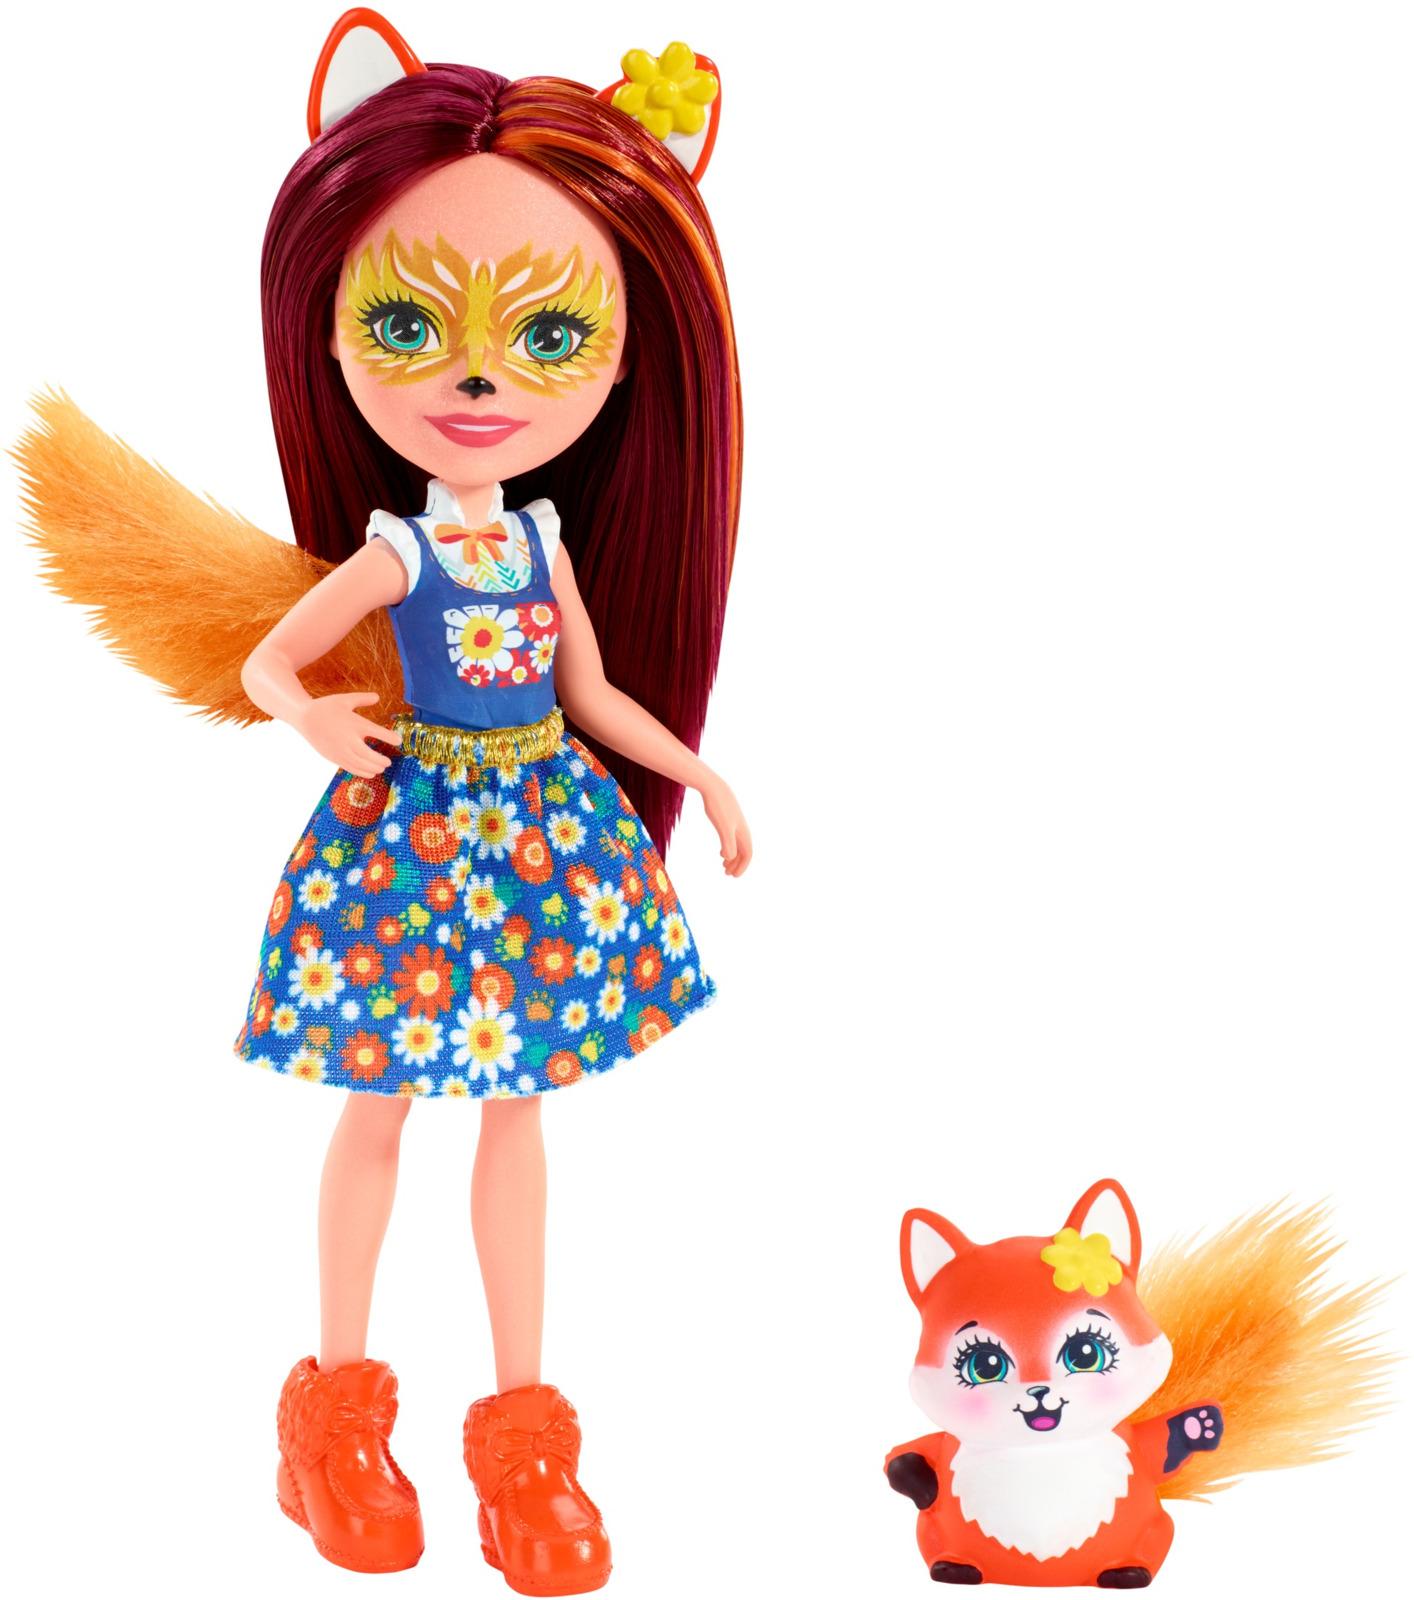 Фото - Игровой набор с куклой Enchantimals Felicity Fox, DVH87_FXM71, оранжевый, 15 см enchantimals игровой набор кукла со зверюшкой fnh22 fjj21